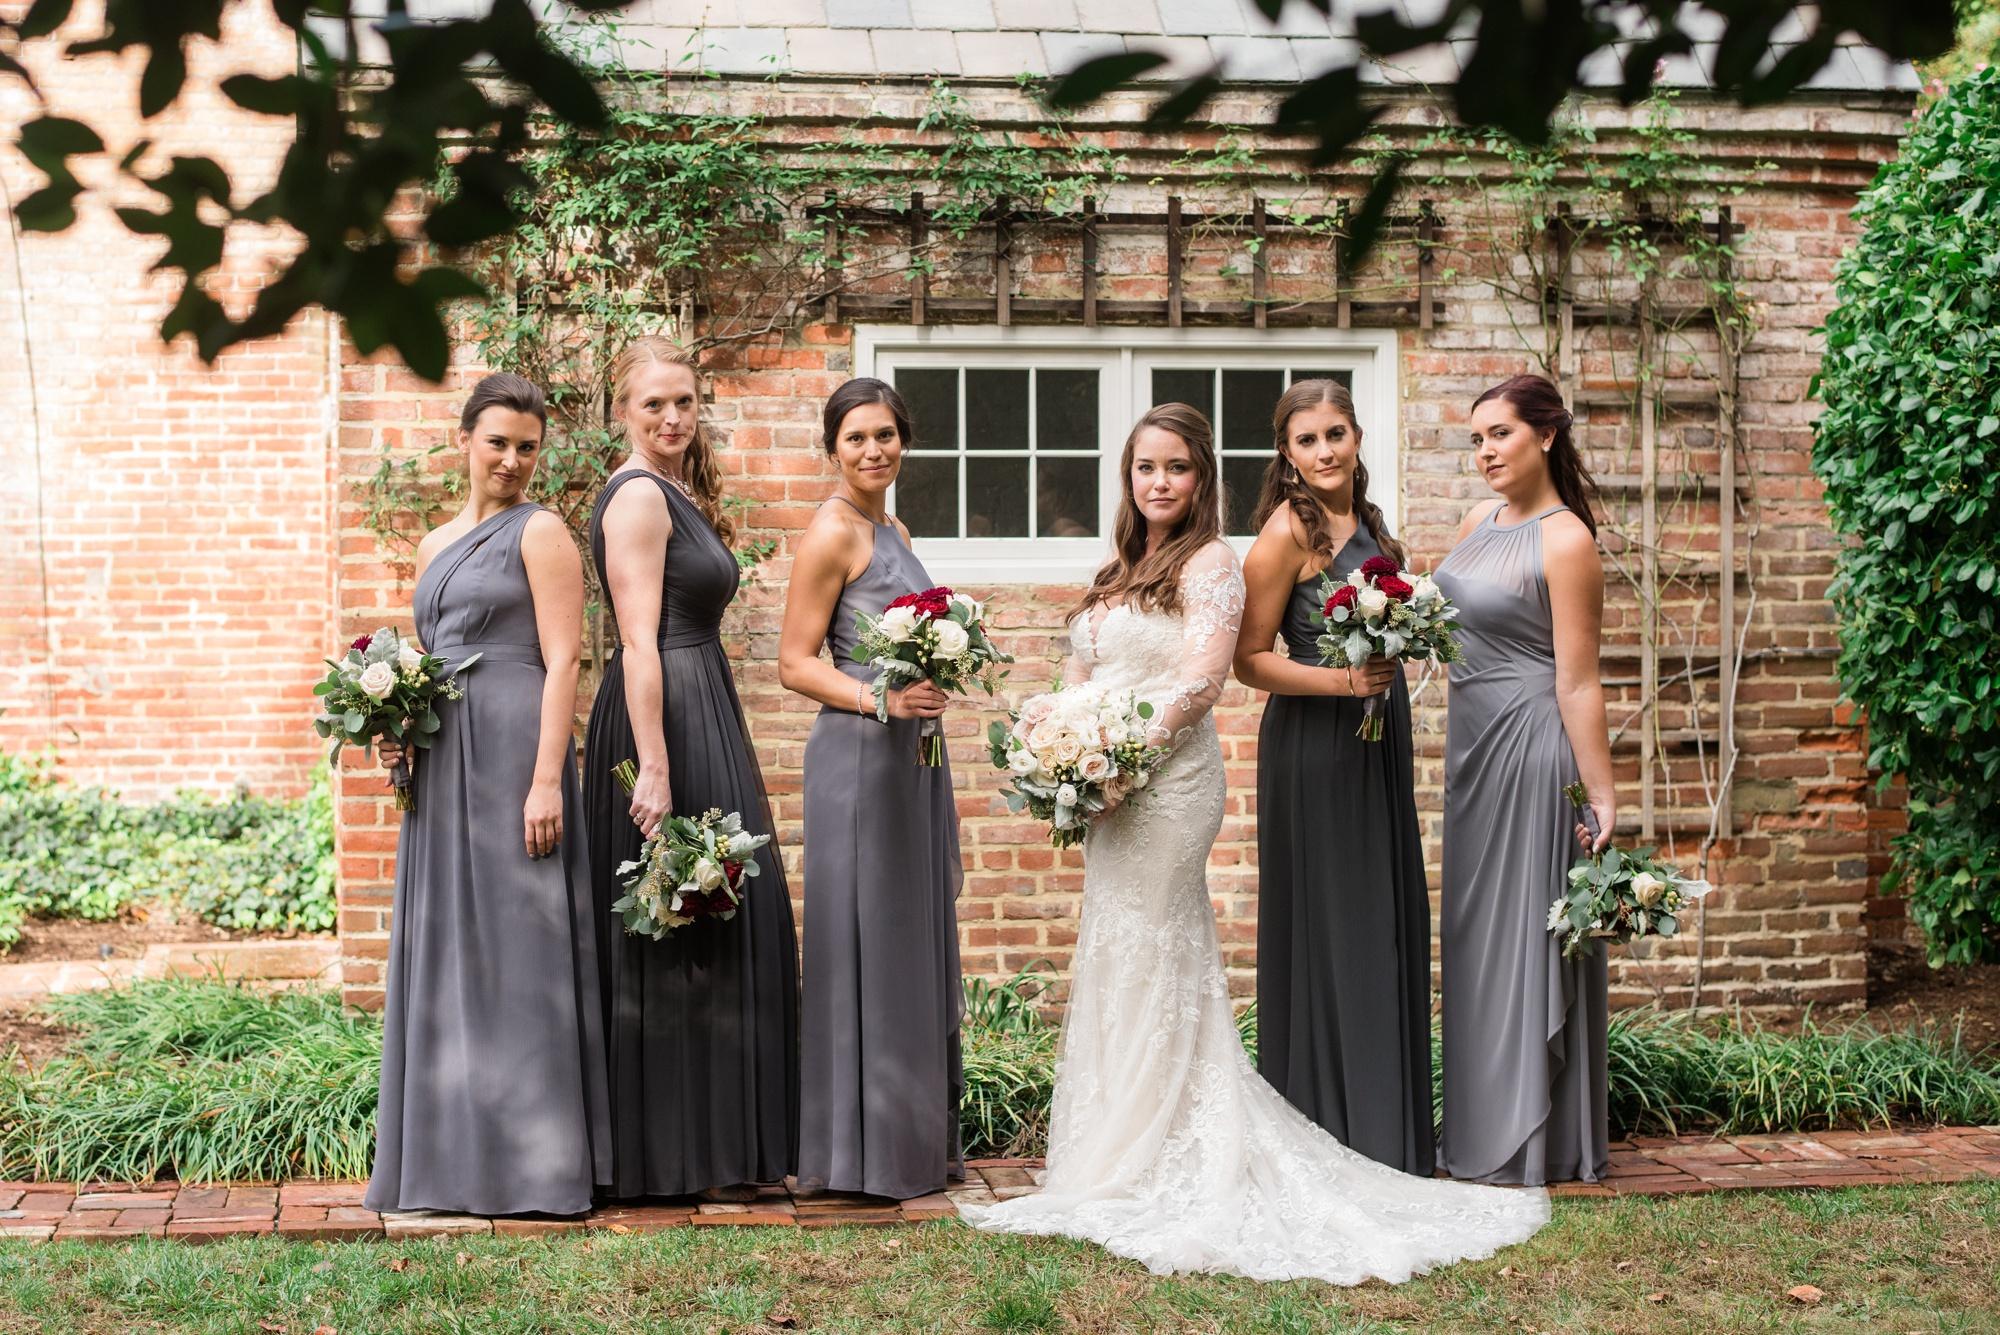 The Tidewater inn bridesmaid photo